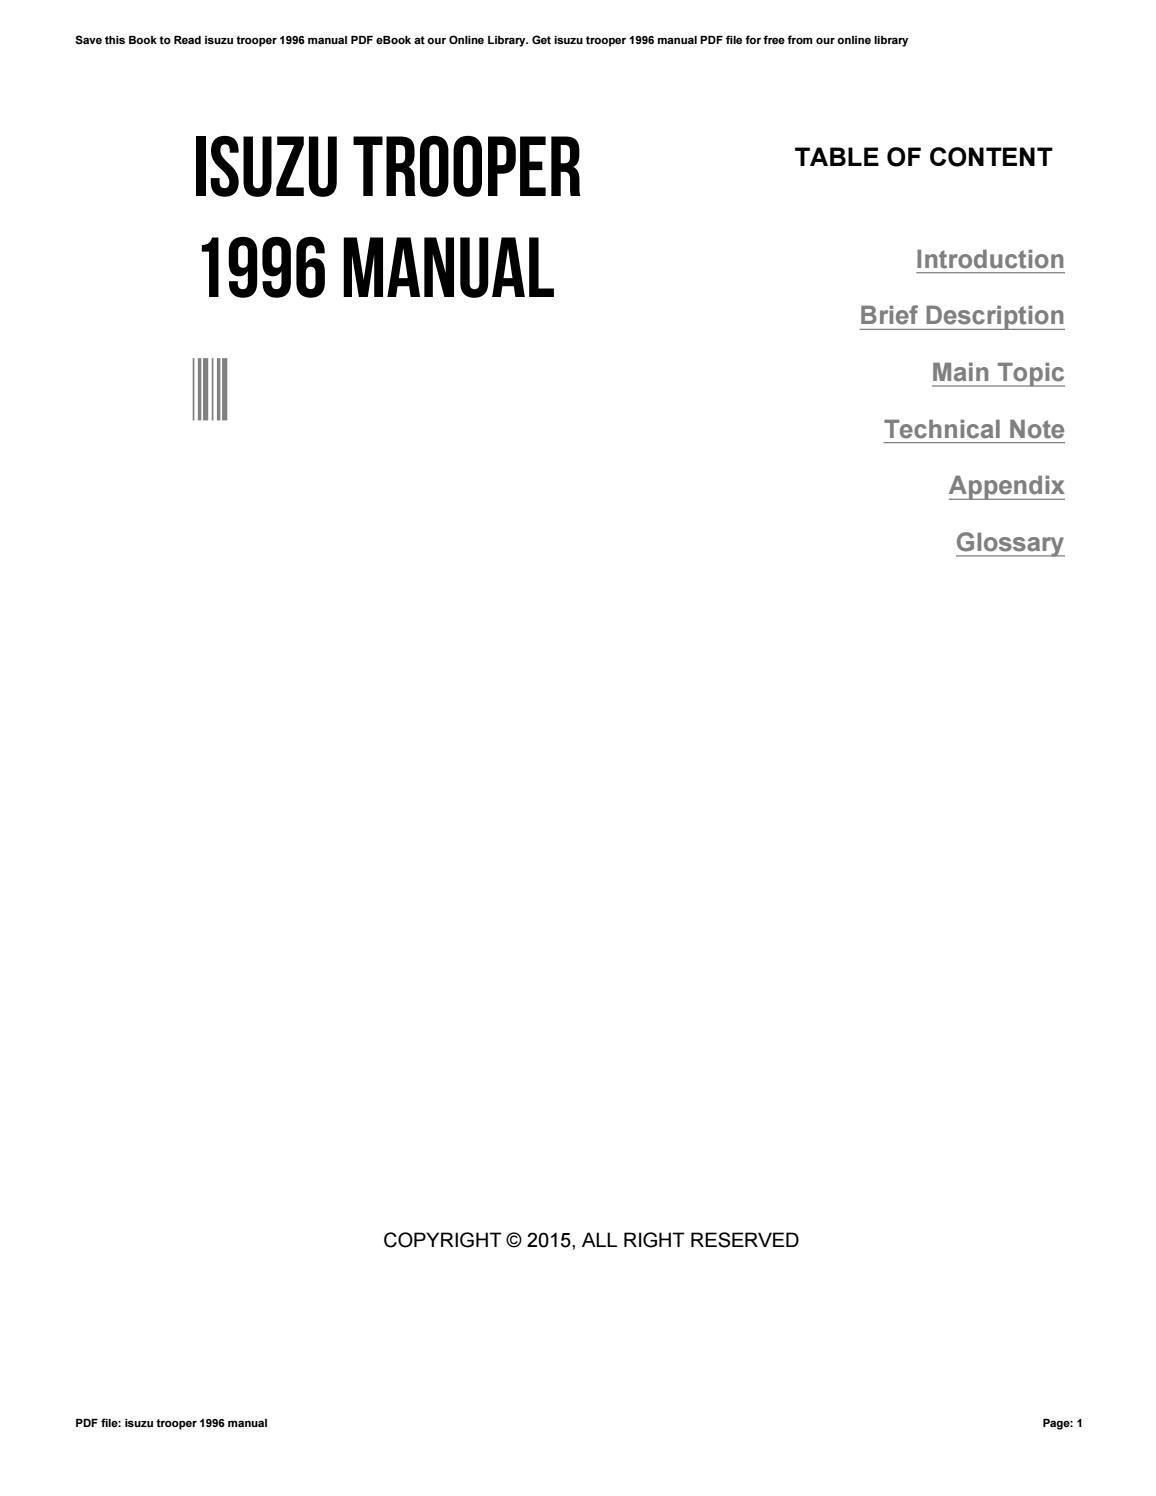 isuzu manual pdf